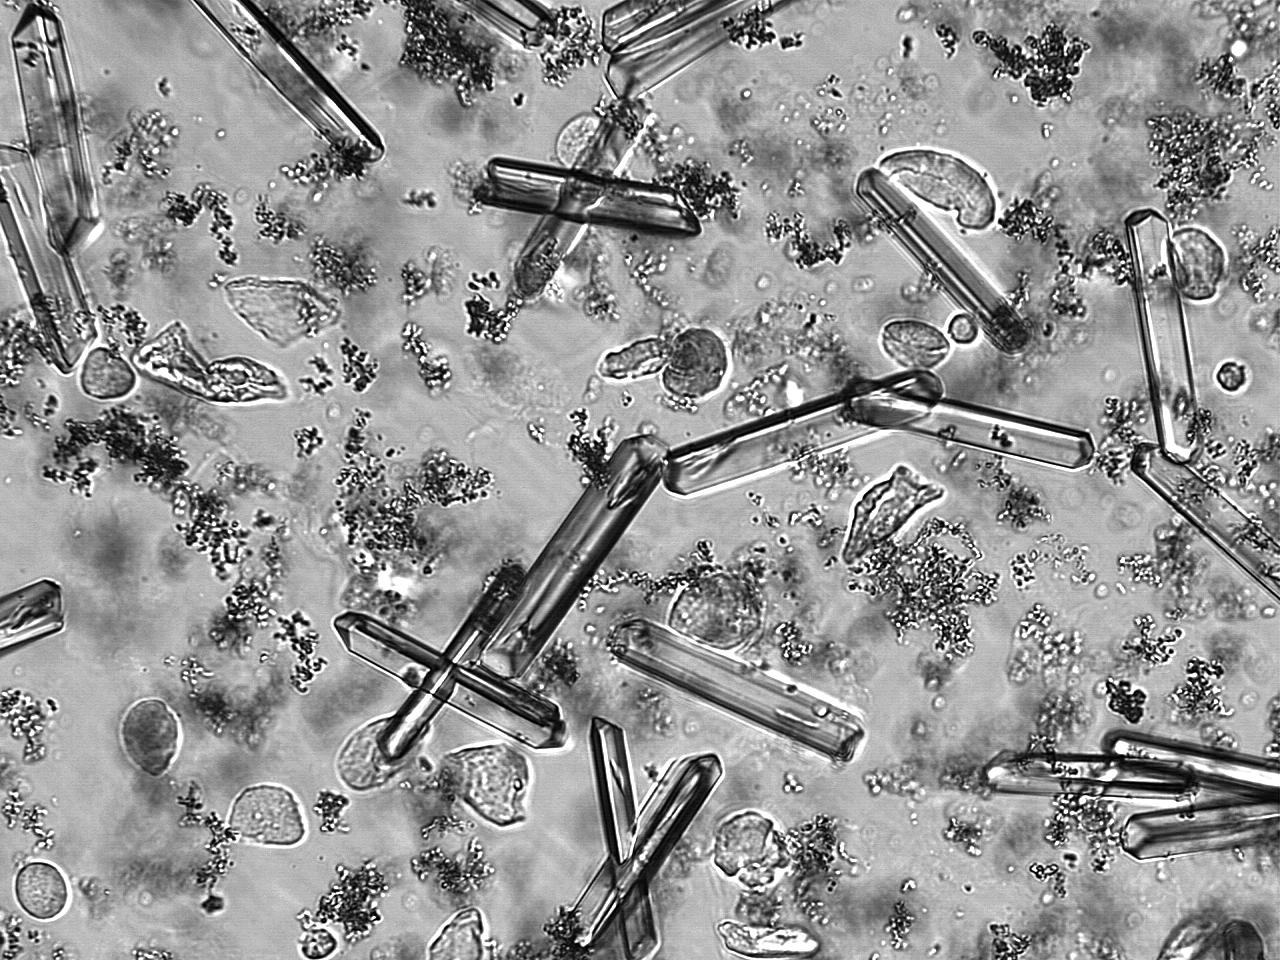 İdrar tahlilinde kristal görünürse ne anlama gelir?